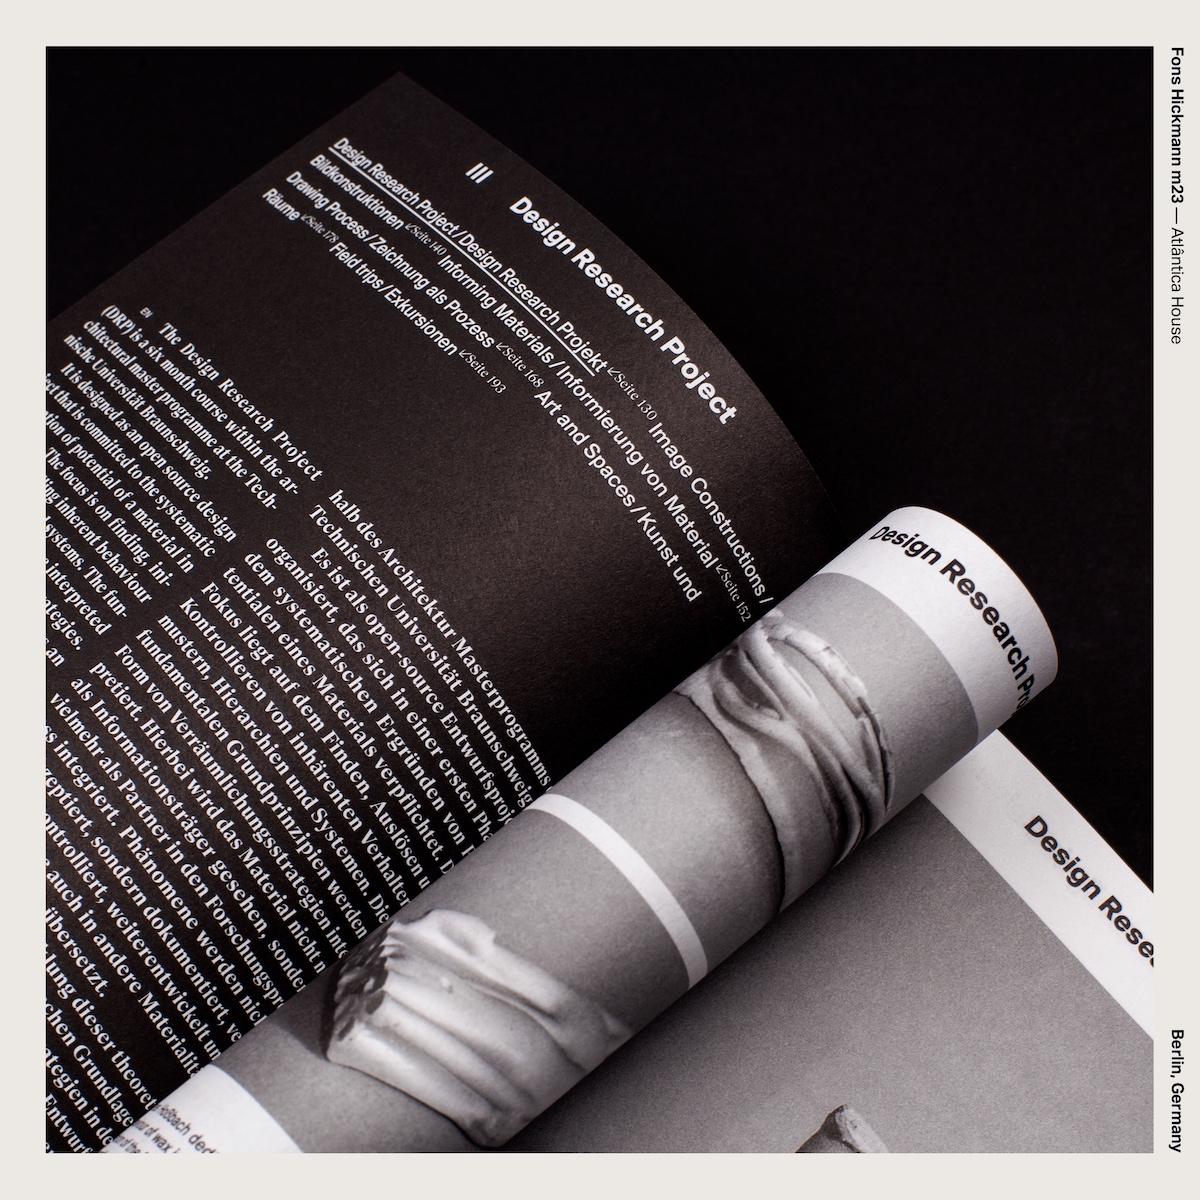 Fons Hickmann m23 — Architektur TU Braunschweig